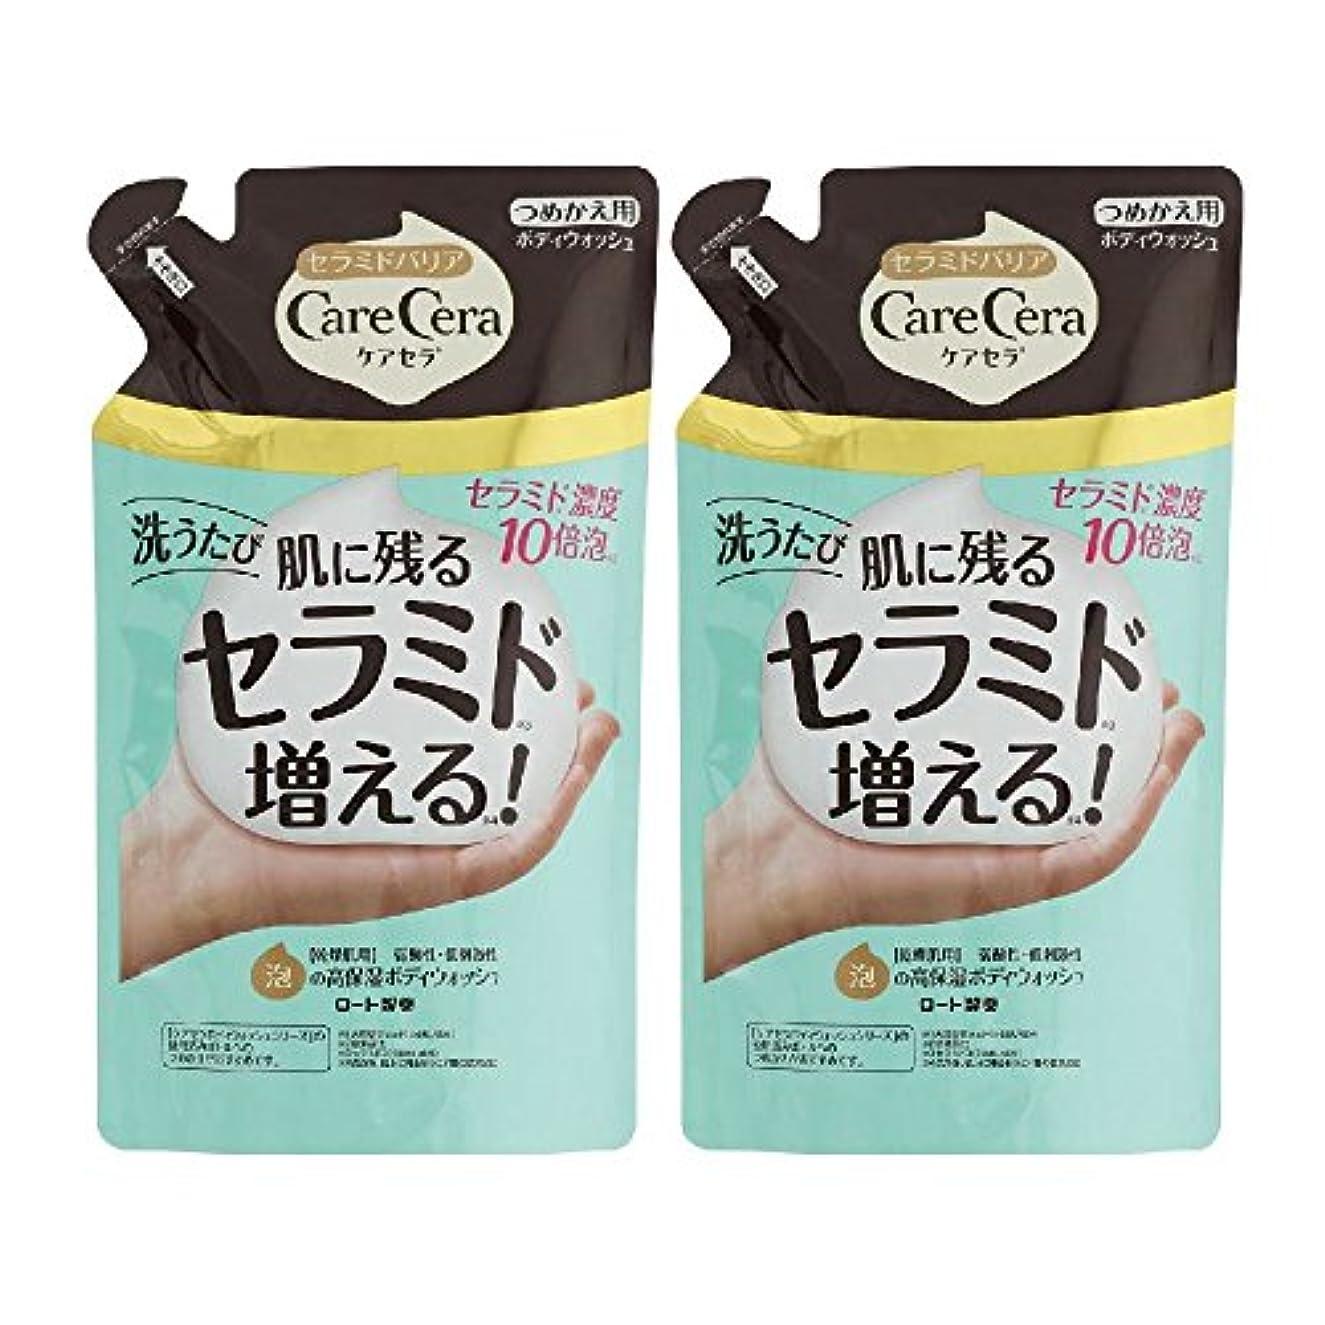 リードアンドリューハリディ空白ケアセラ (CareCera) 泡の高保湿 ボディウォッシュ ピュアフローラルの香り (つめかえ用) 350mL×2個 ※セバメドモイスチャーローション10mlサンプル付き